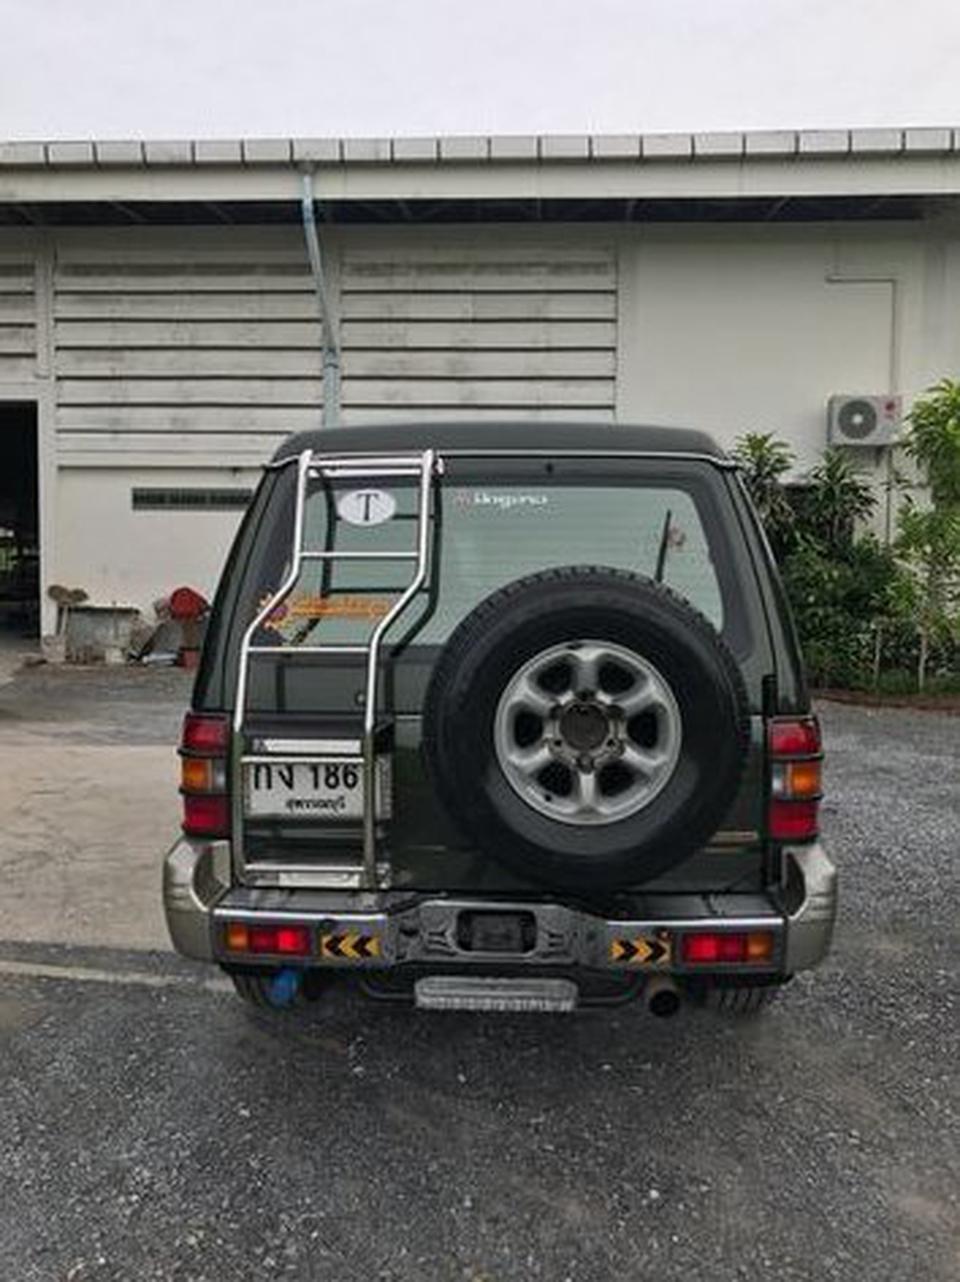 ขายรถปาเจโร่ มิตซูบิชิ โชกุน อ.เมือง จ.สุพรรณบุรี รูปที่ 2